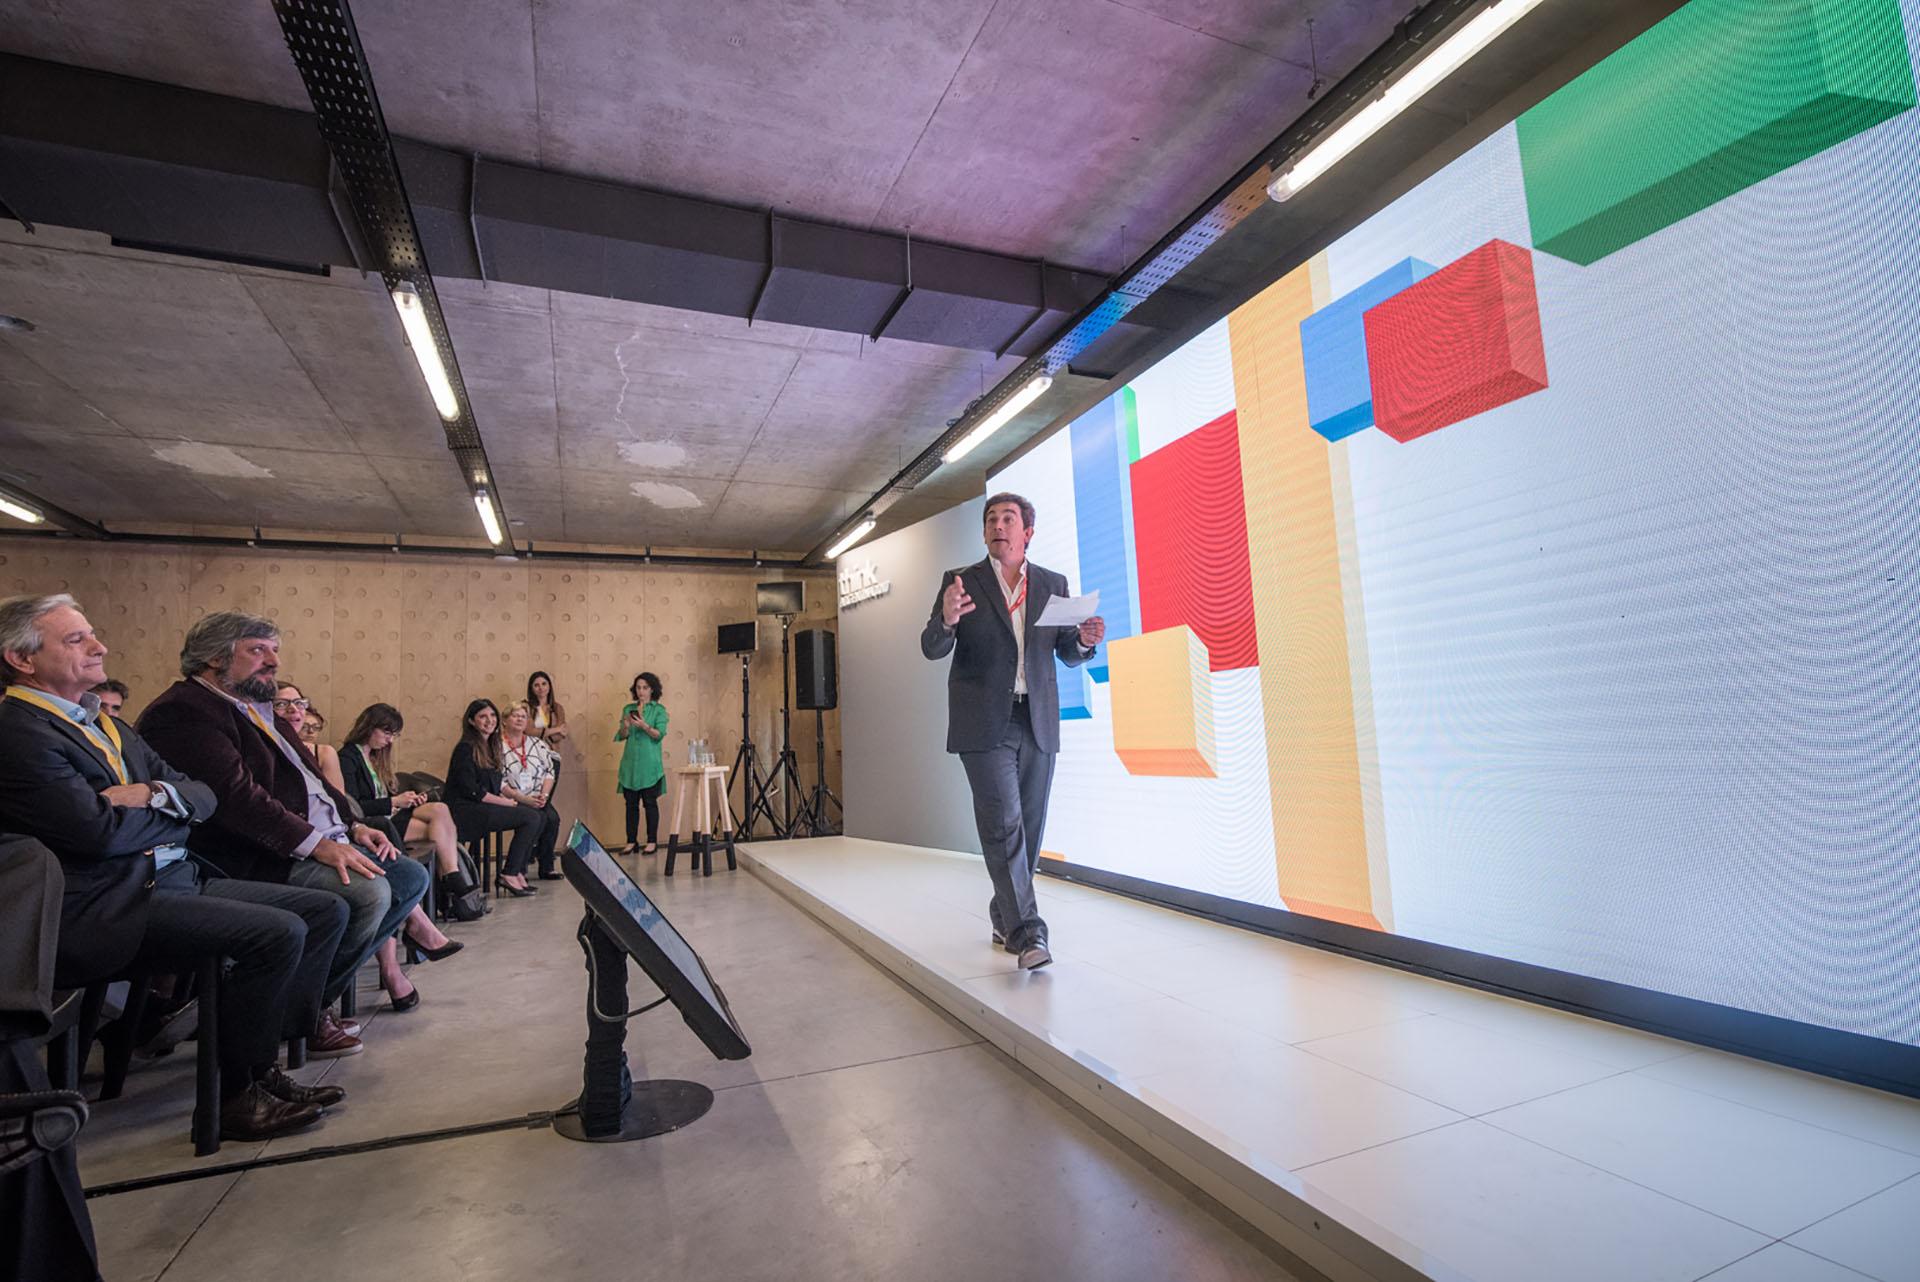 Procaccini mencionó, entre otras iniciativas de la empresa, a Google Primer, una plataforma de capacitación gratuita para ayudar a estudiantes y emprendedores a desarrollar habilidades digitales básicas (Guillermo Llamos)